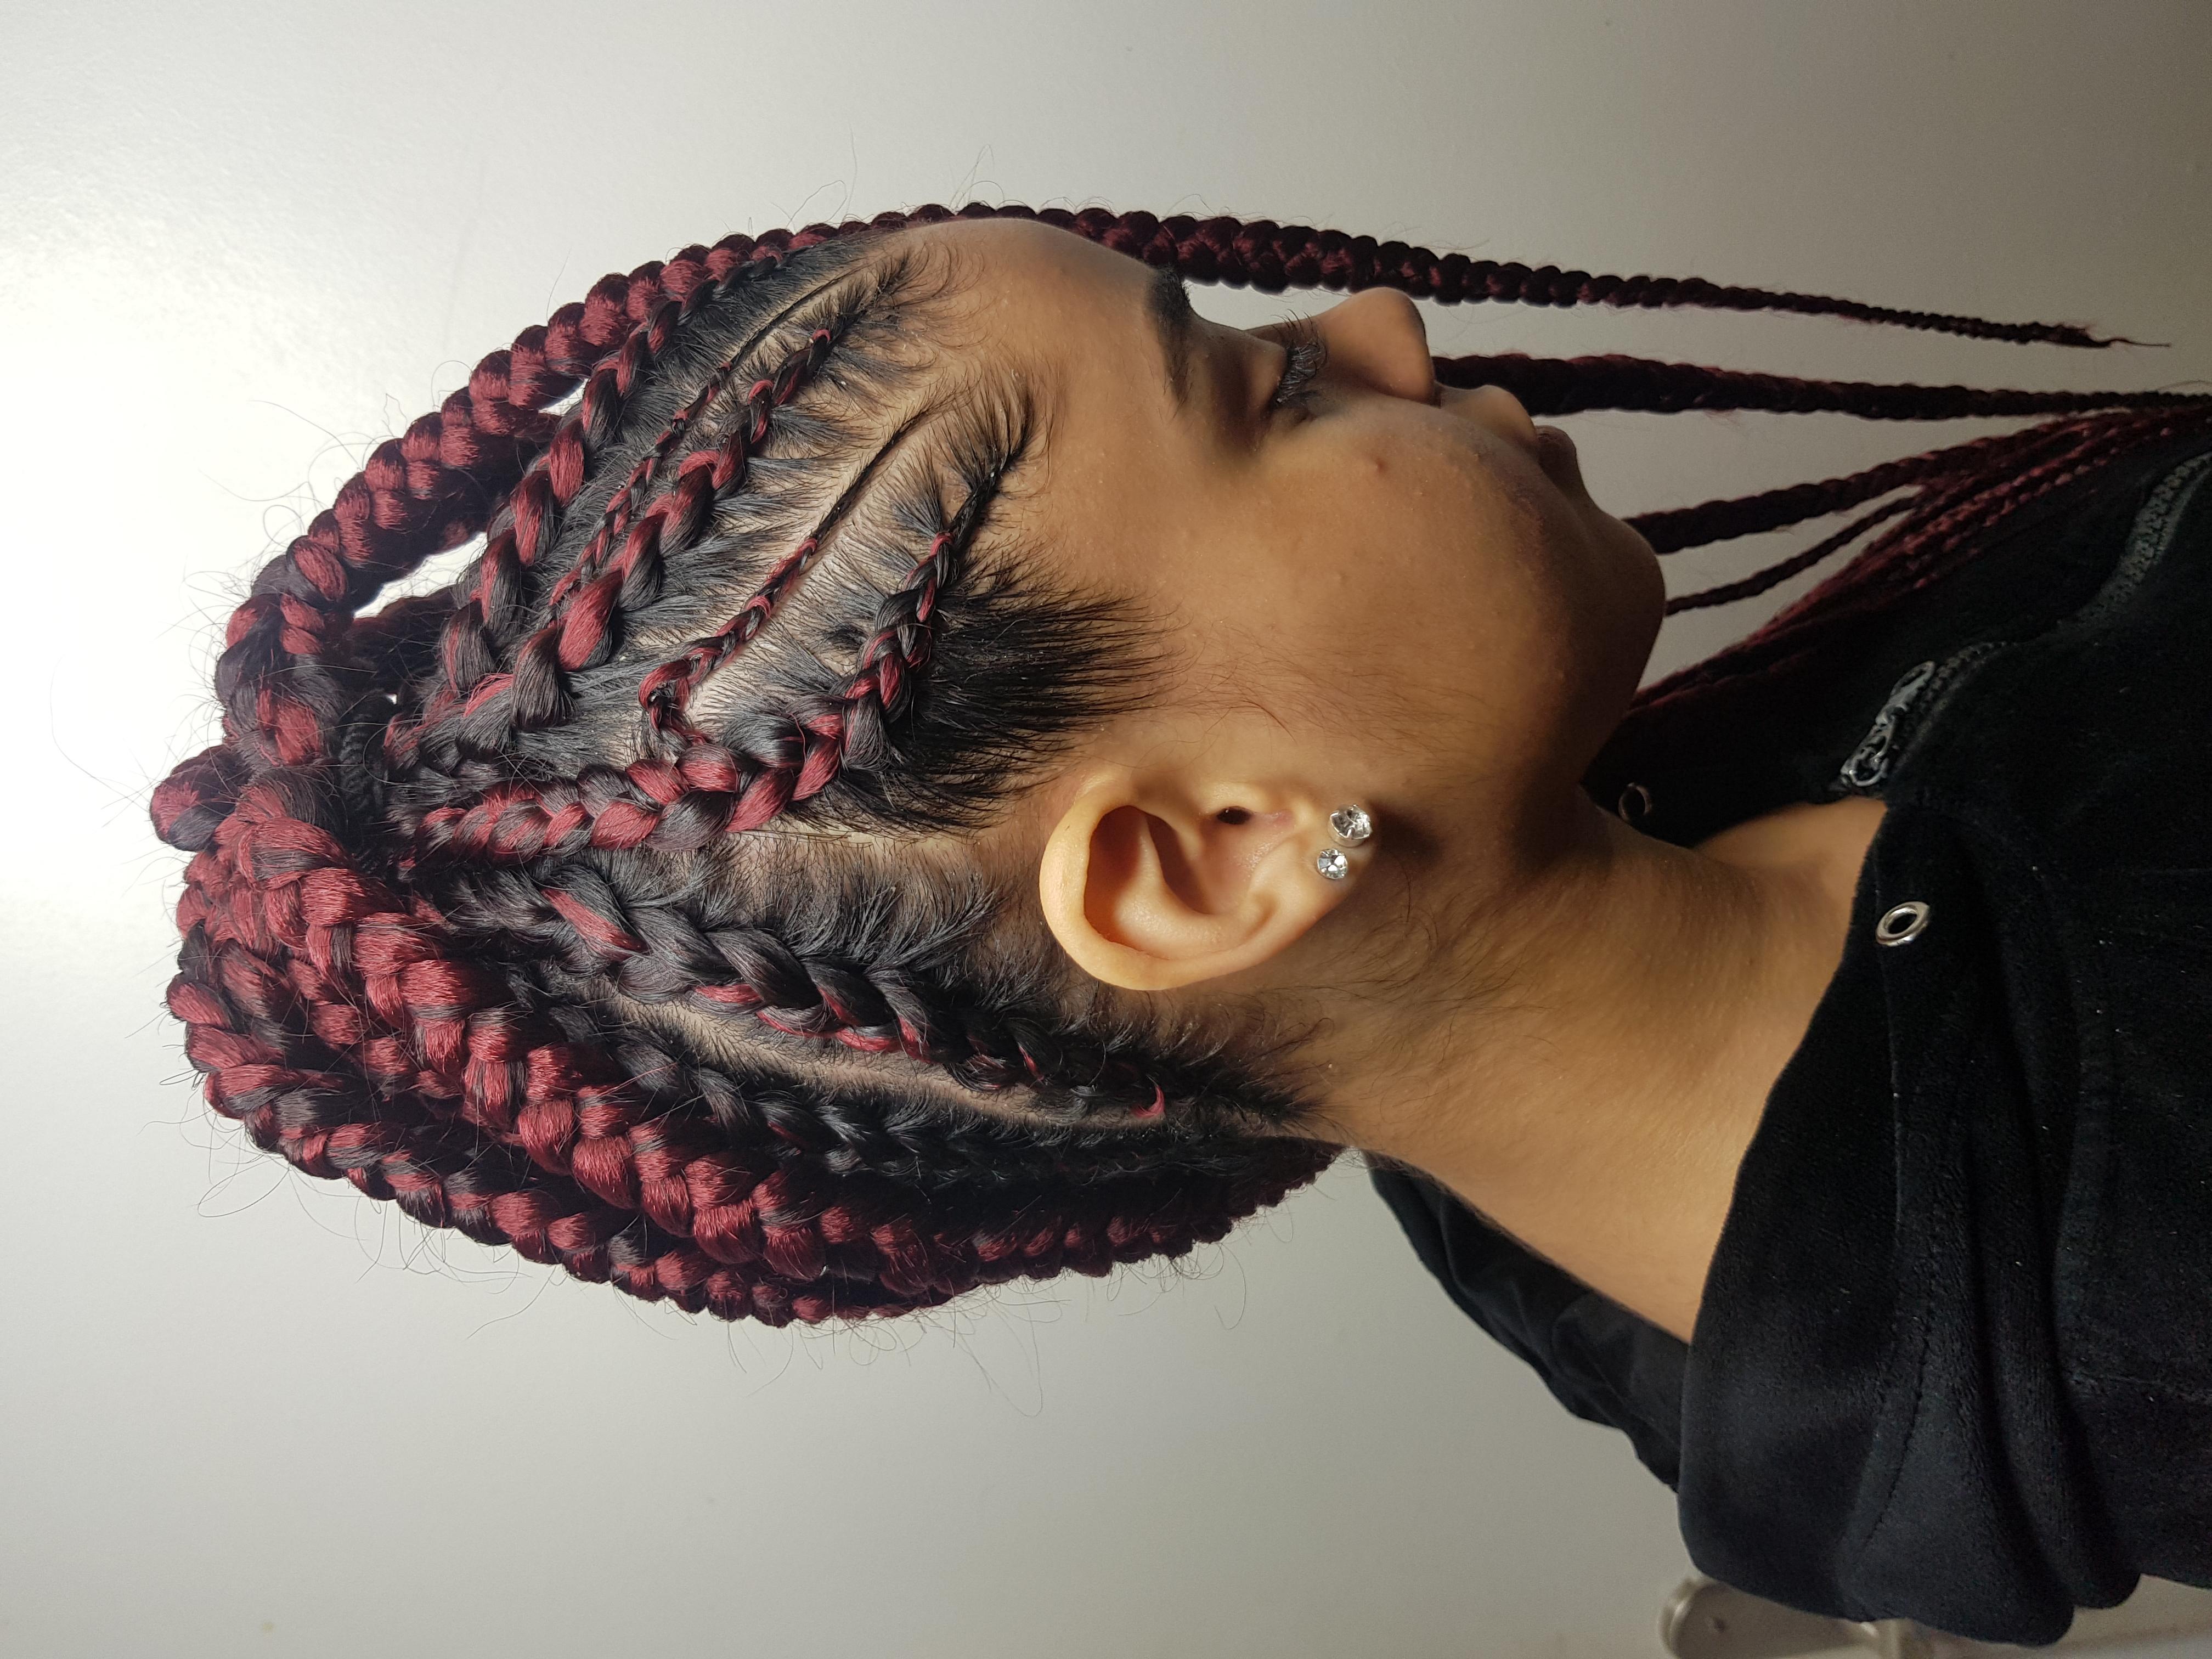 salon de coiffure afro tresse tresses box braids crochet braids vanilles tissages paris 75 77 78 91 92 93 94 95 ACNGTATW